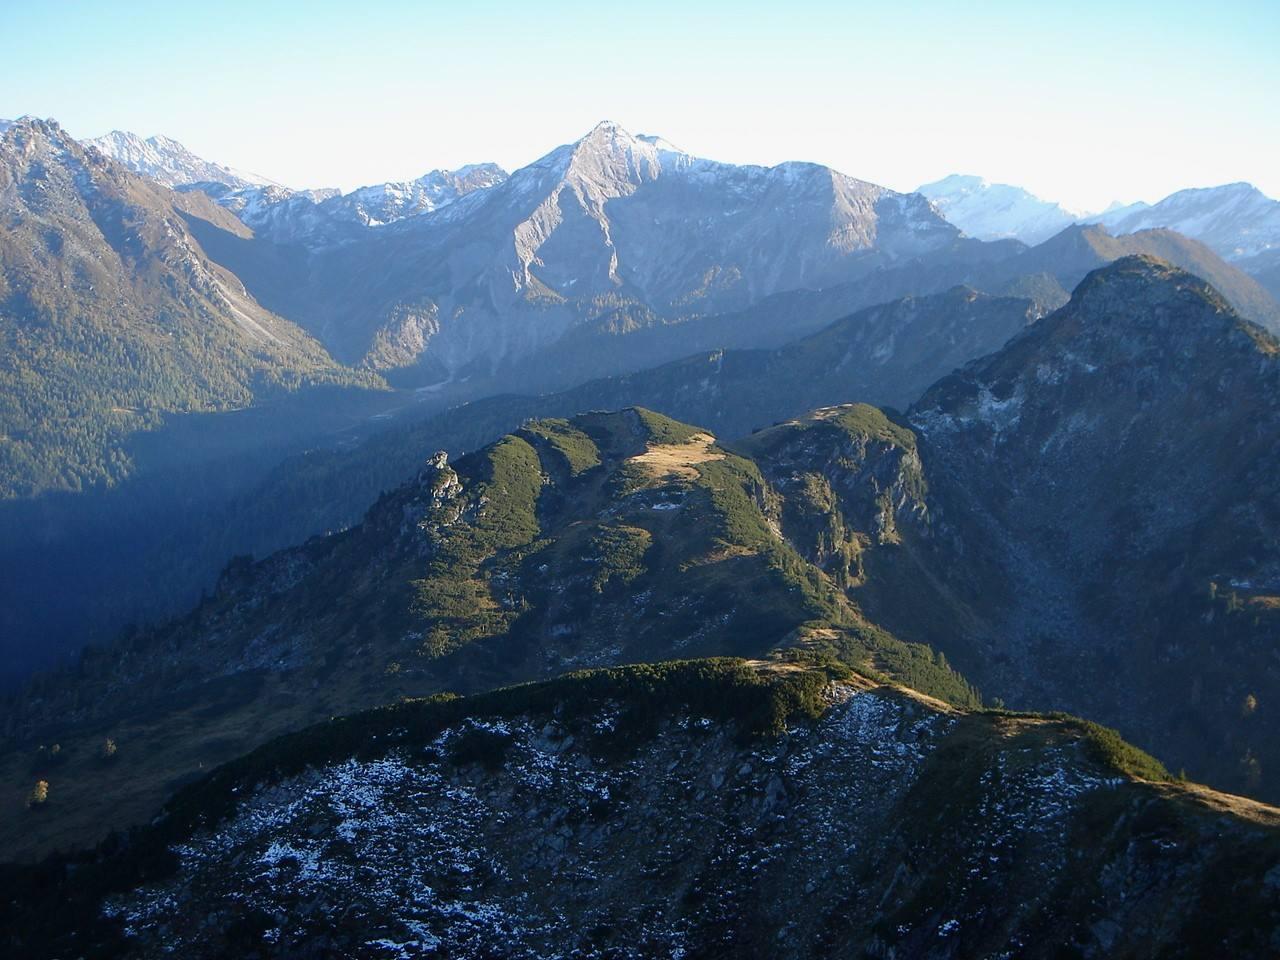 Foto: Manfred Karl / Wander Tour / Gipfelrunde von der Reiteralm auf den Schober (2133m) / Preuneggtal  - Kalkspitzen / 19.06.2007 05:57:09